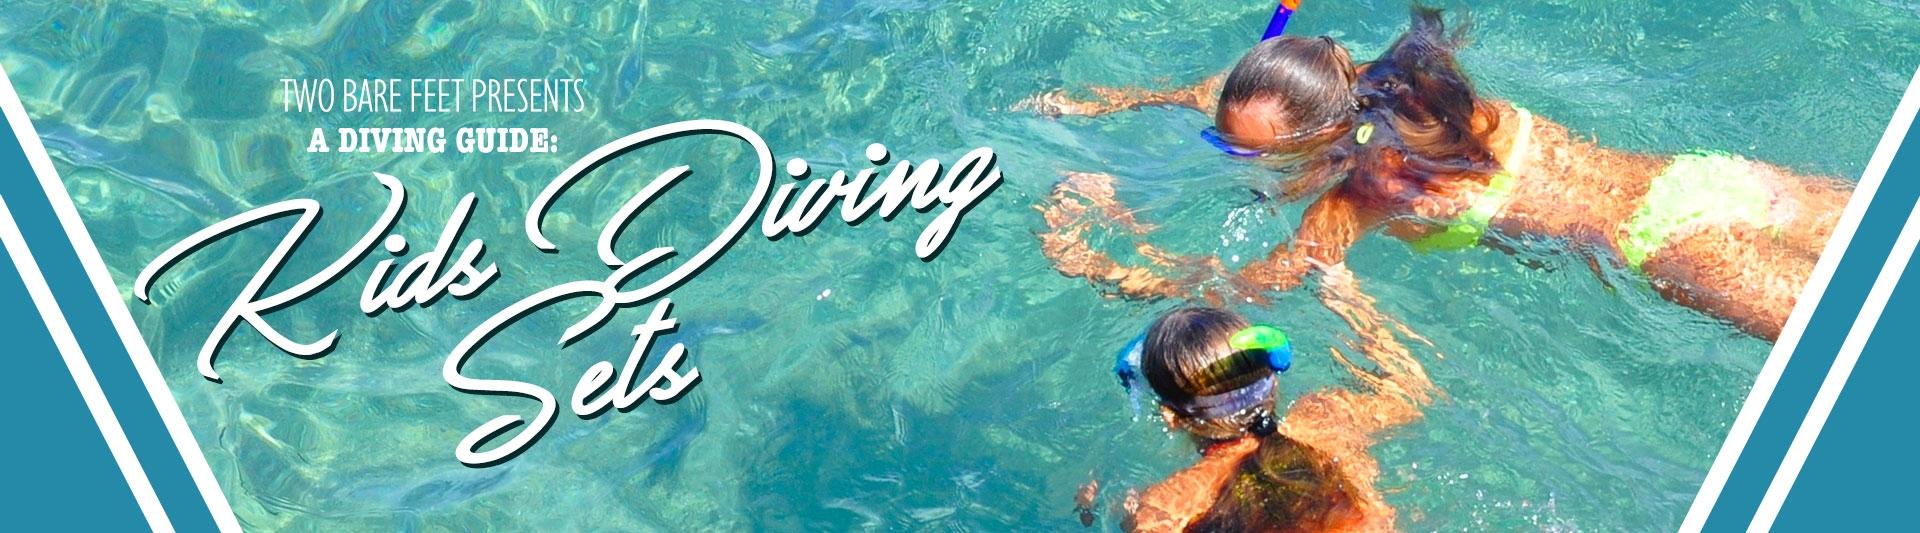 Kids diving sets banner